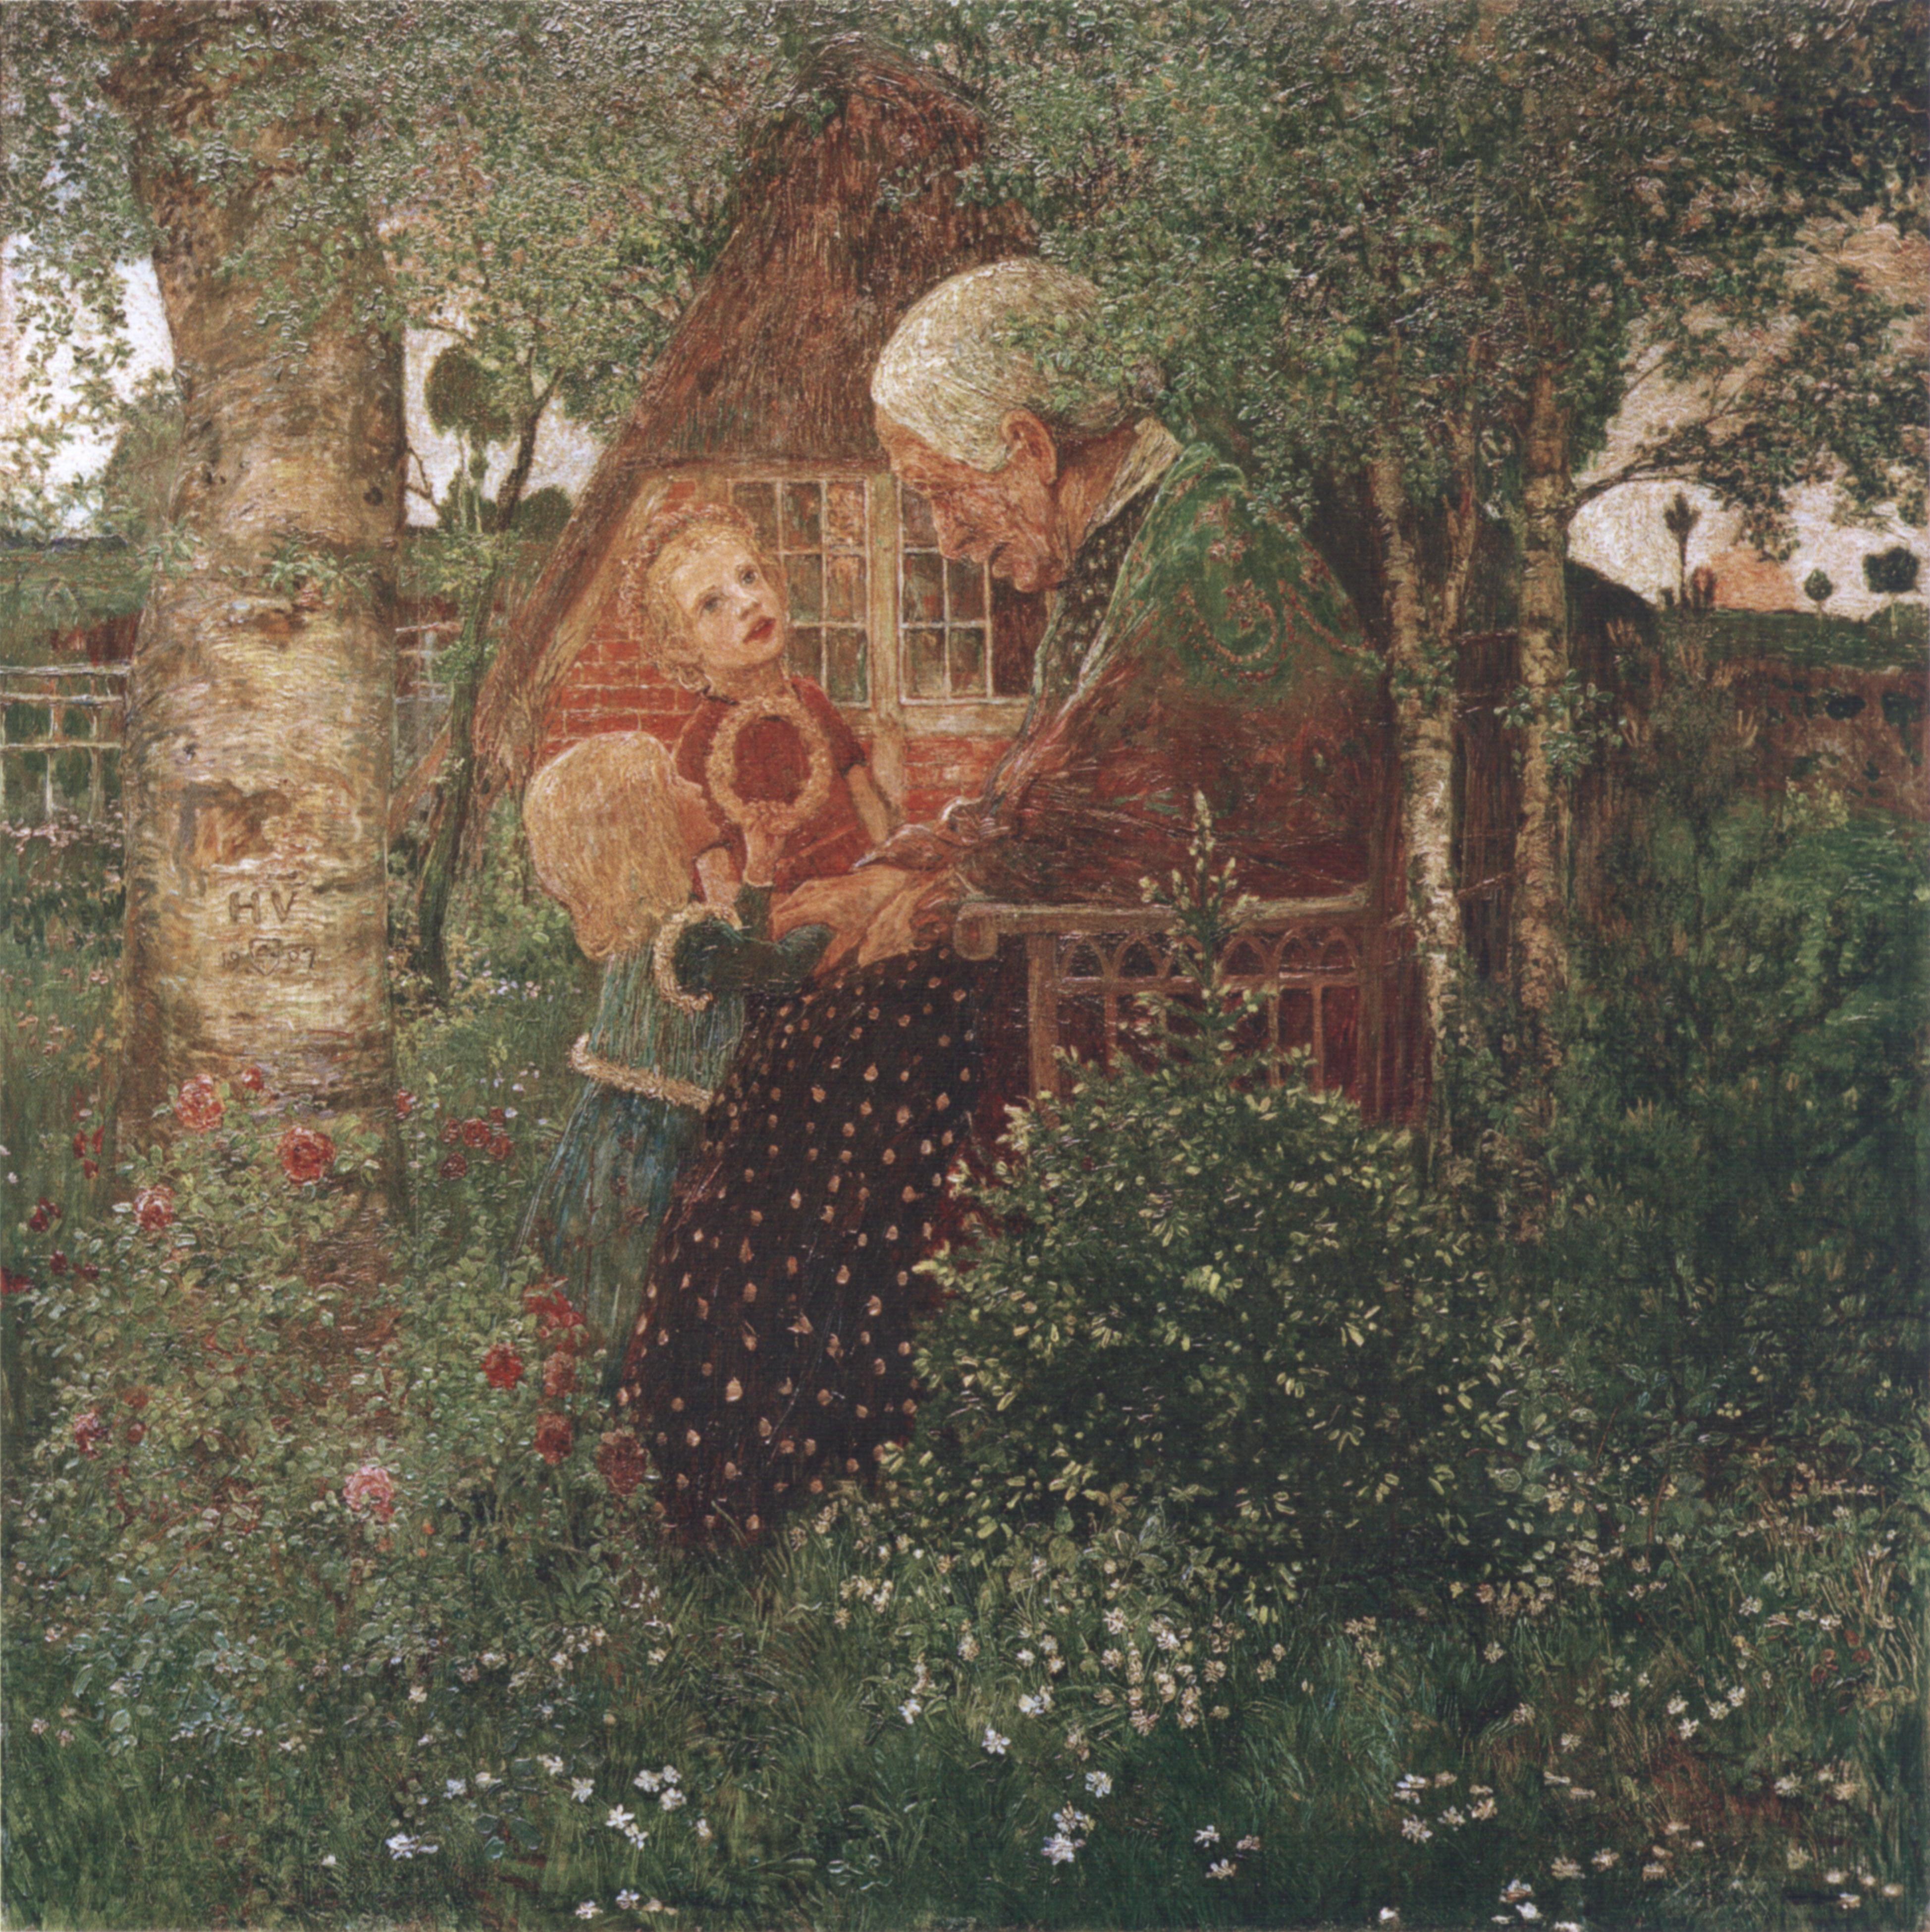 Heinrich_Vogeler_Die_Märchenerzählerin_1907